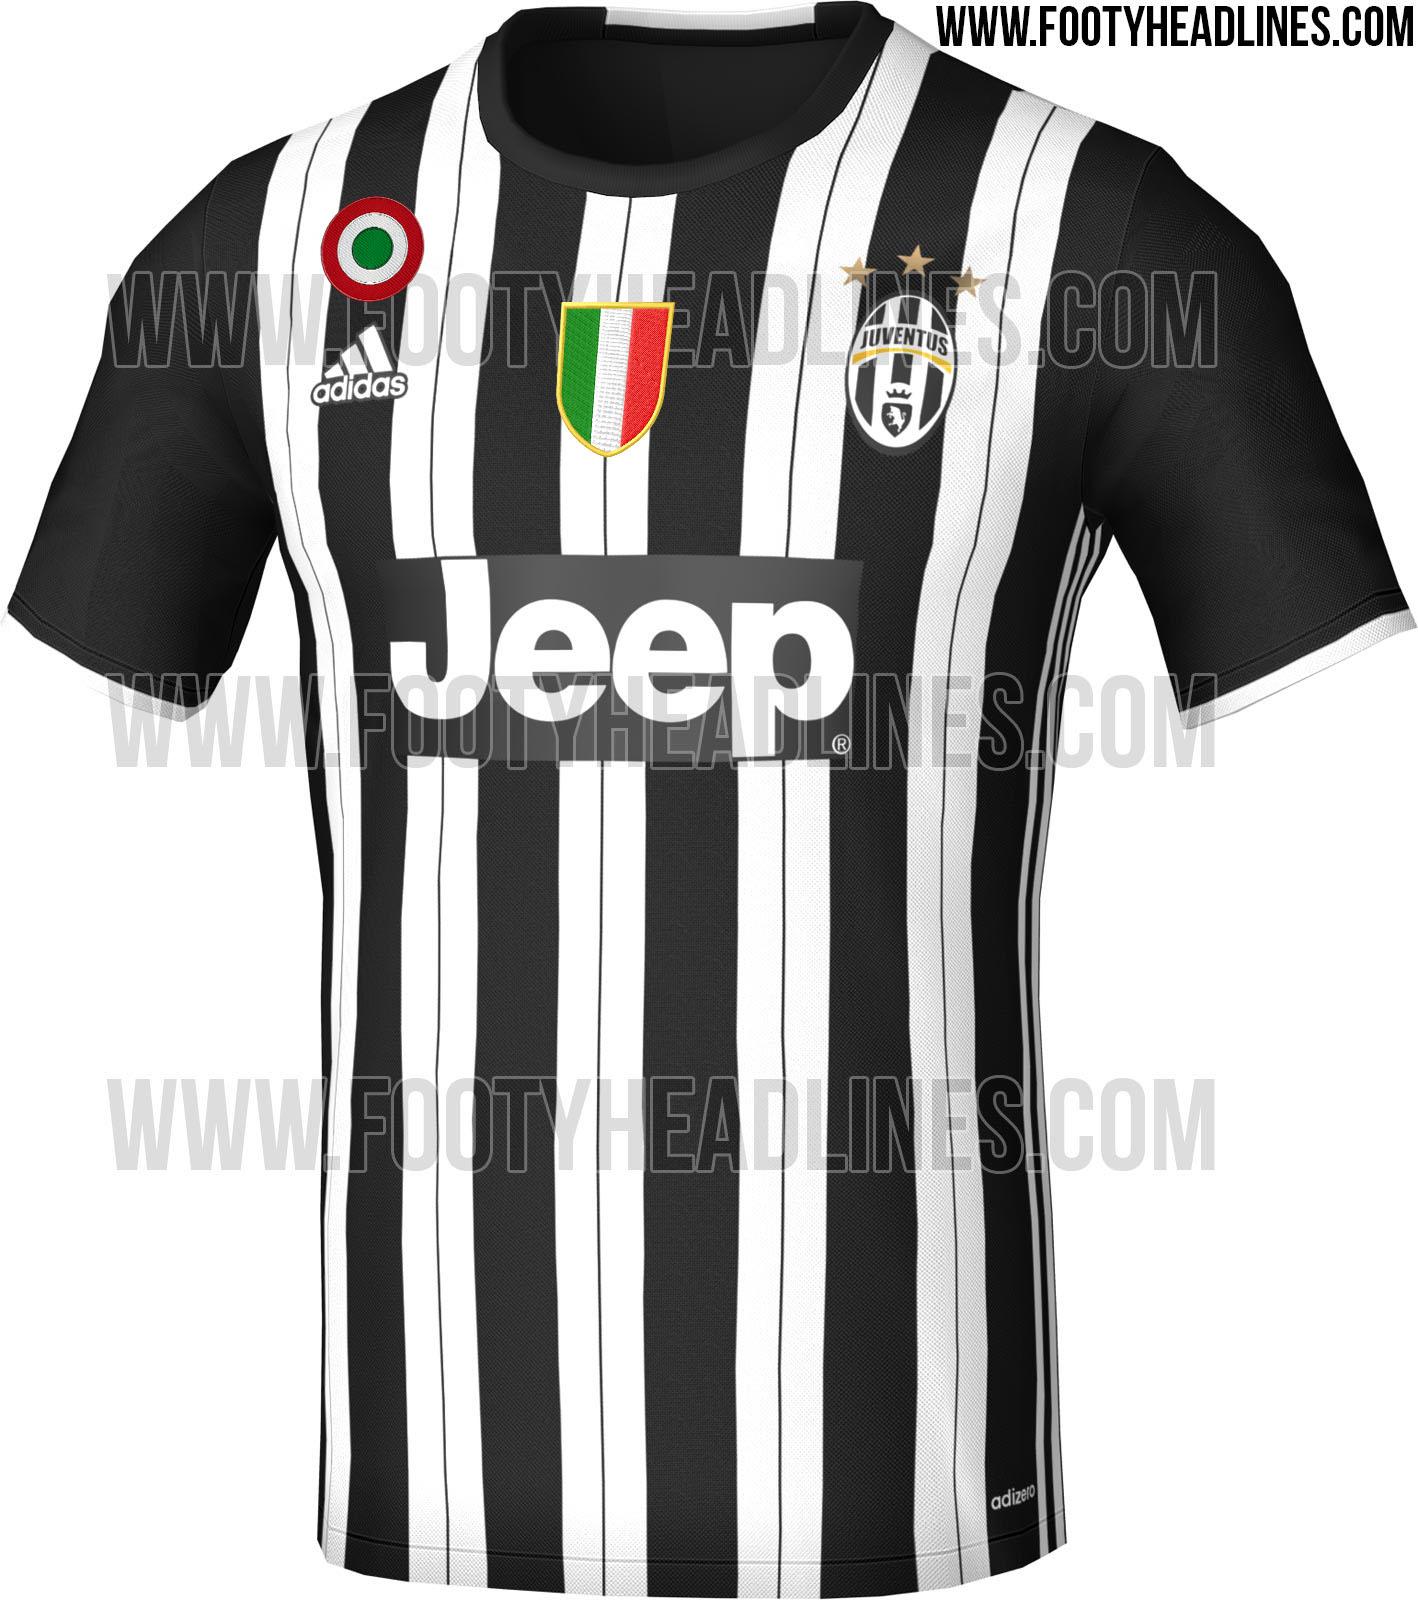 jersey club bola italia sampdoria yg terbaru warna hitam..com